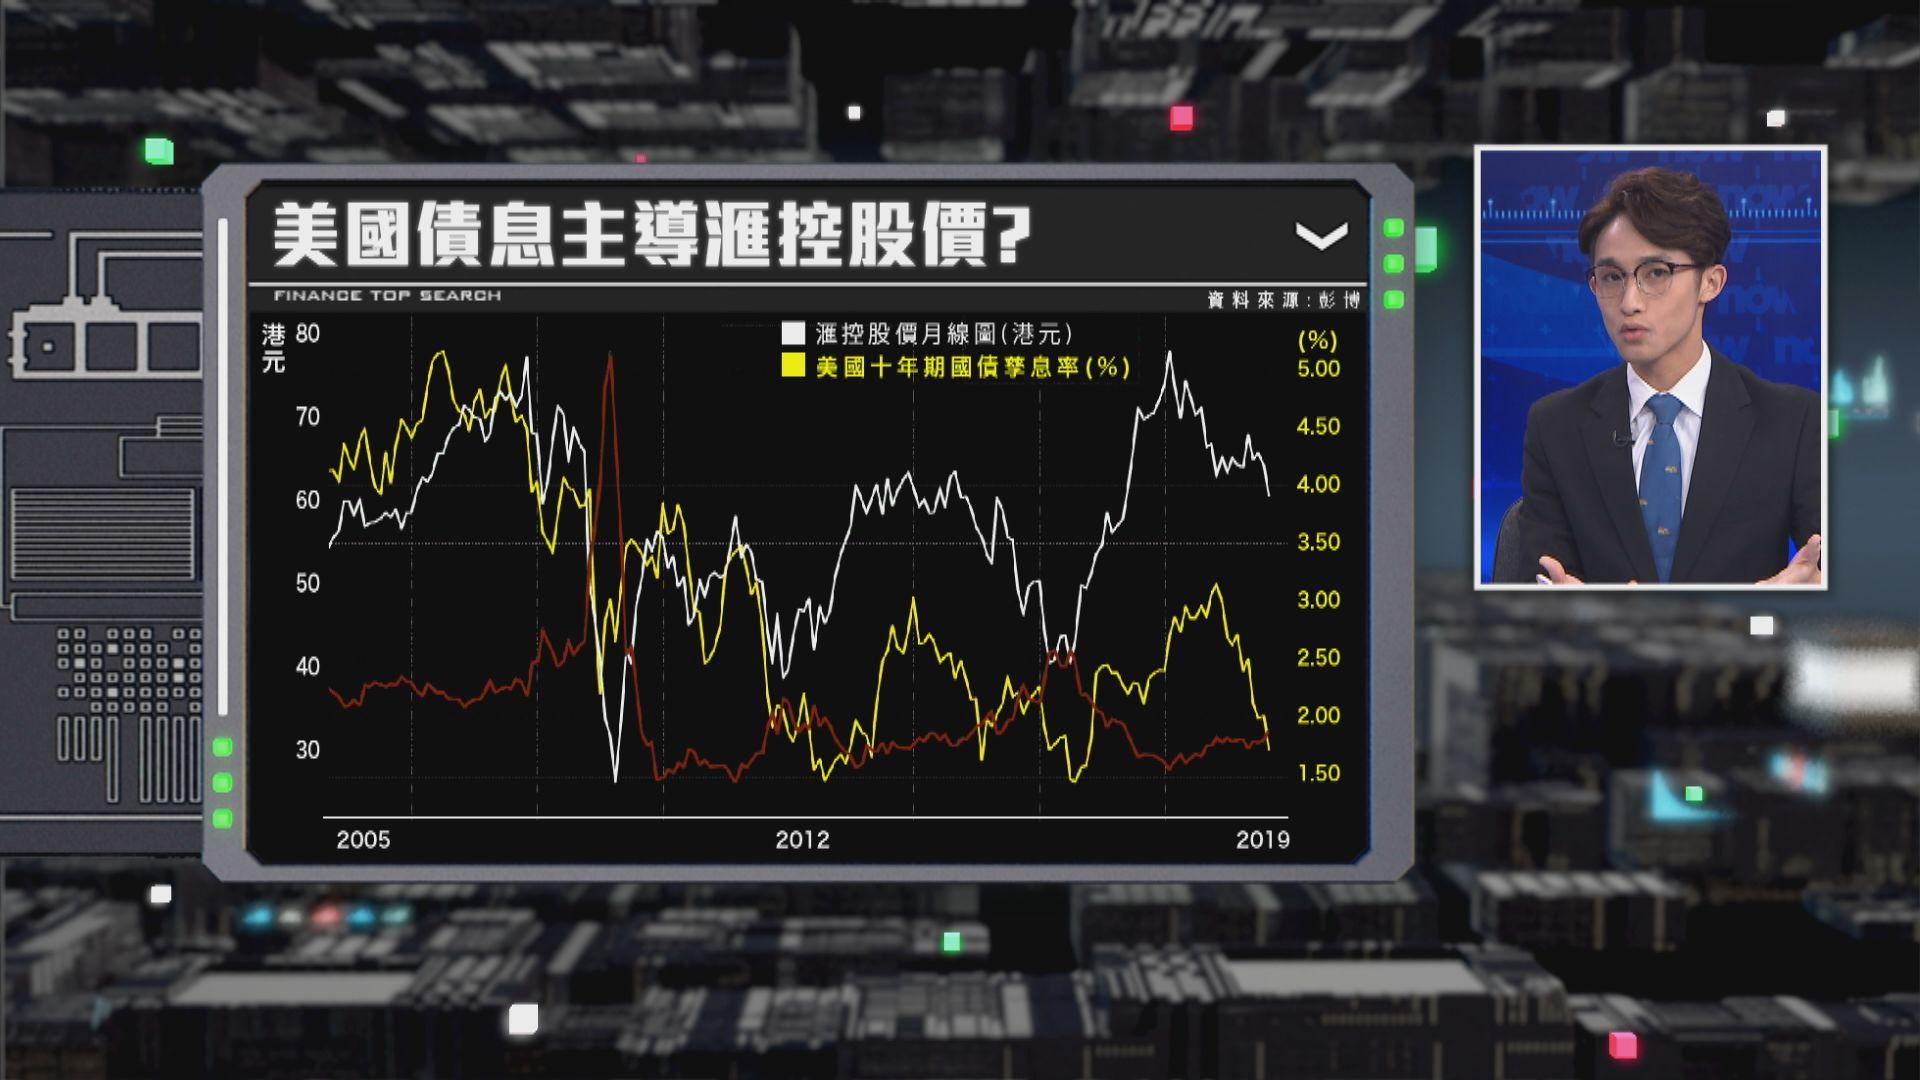 【財經TOP SEARCH】美再減息滙控股價有難?